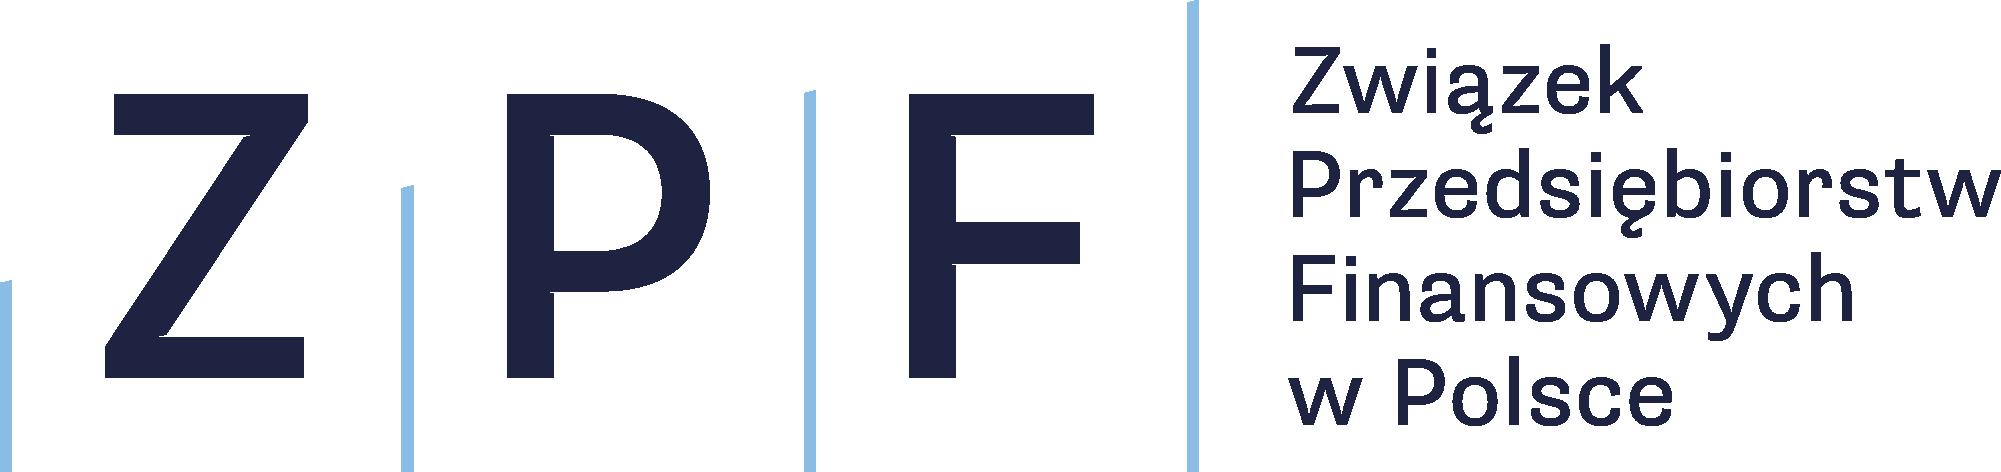 Związek Przedsiębiorstw Finansowych